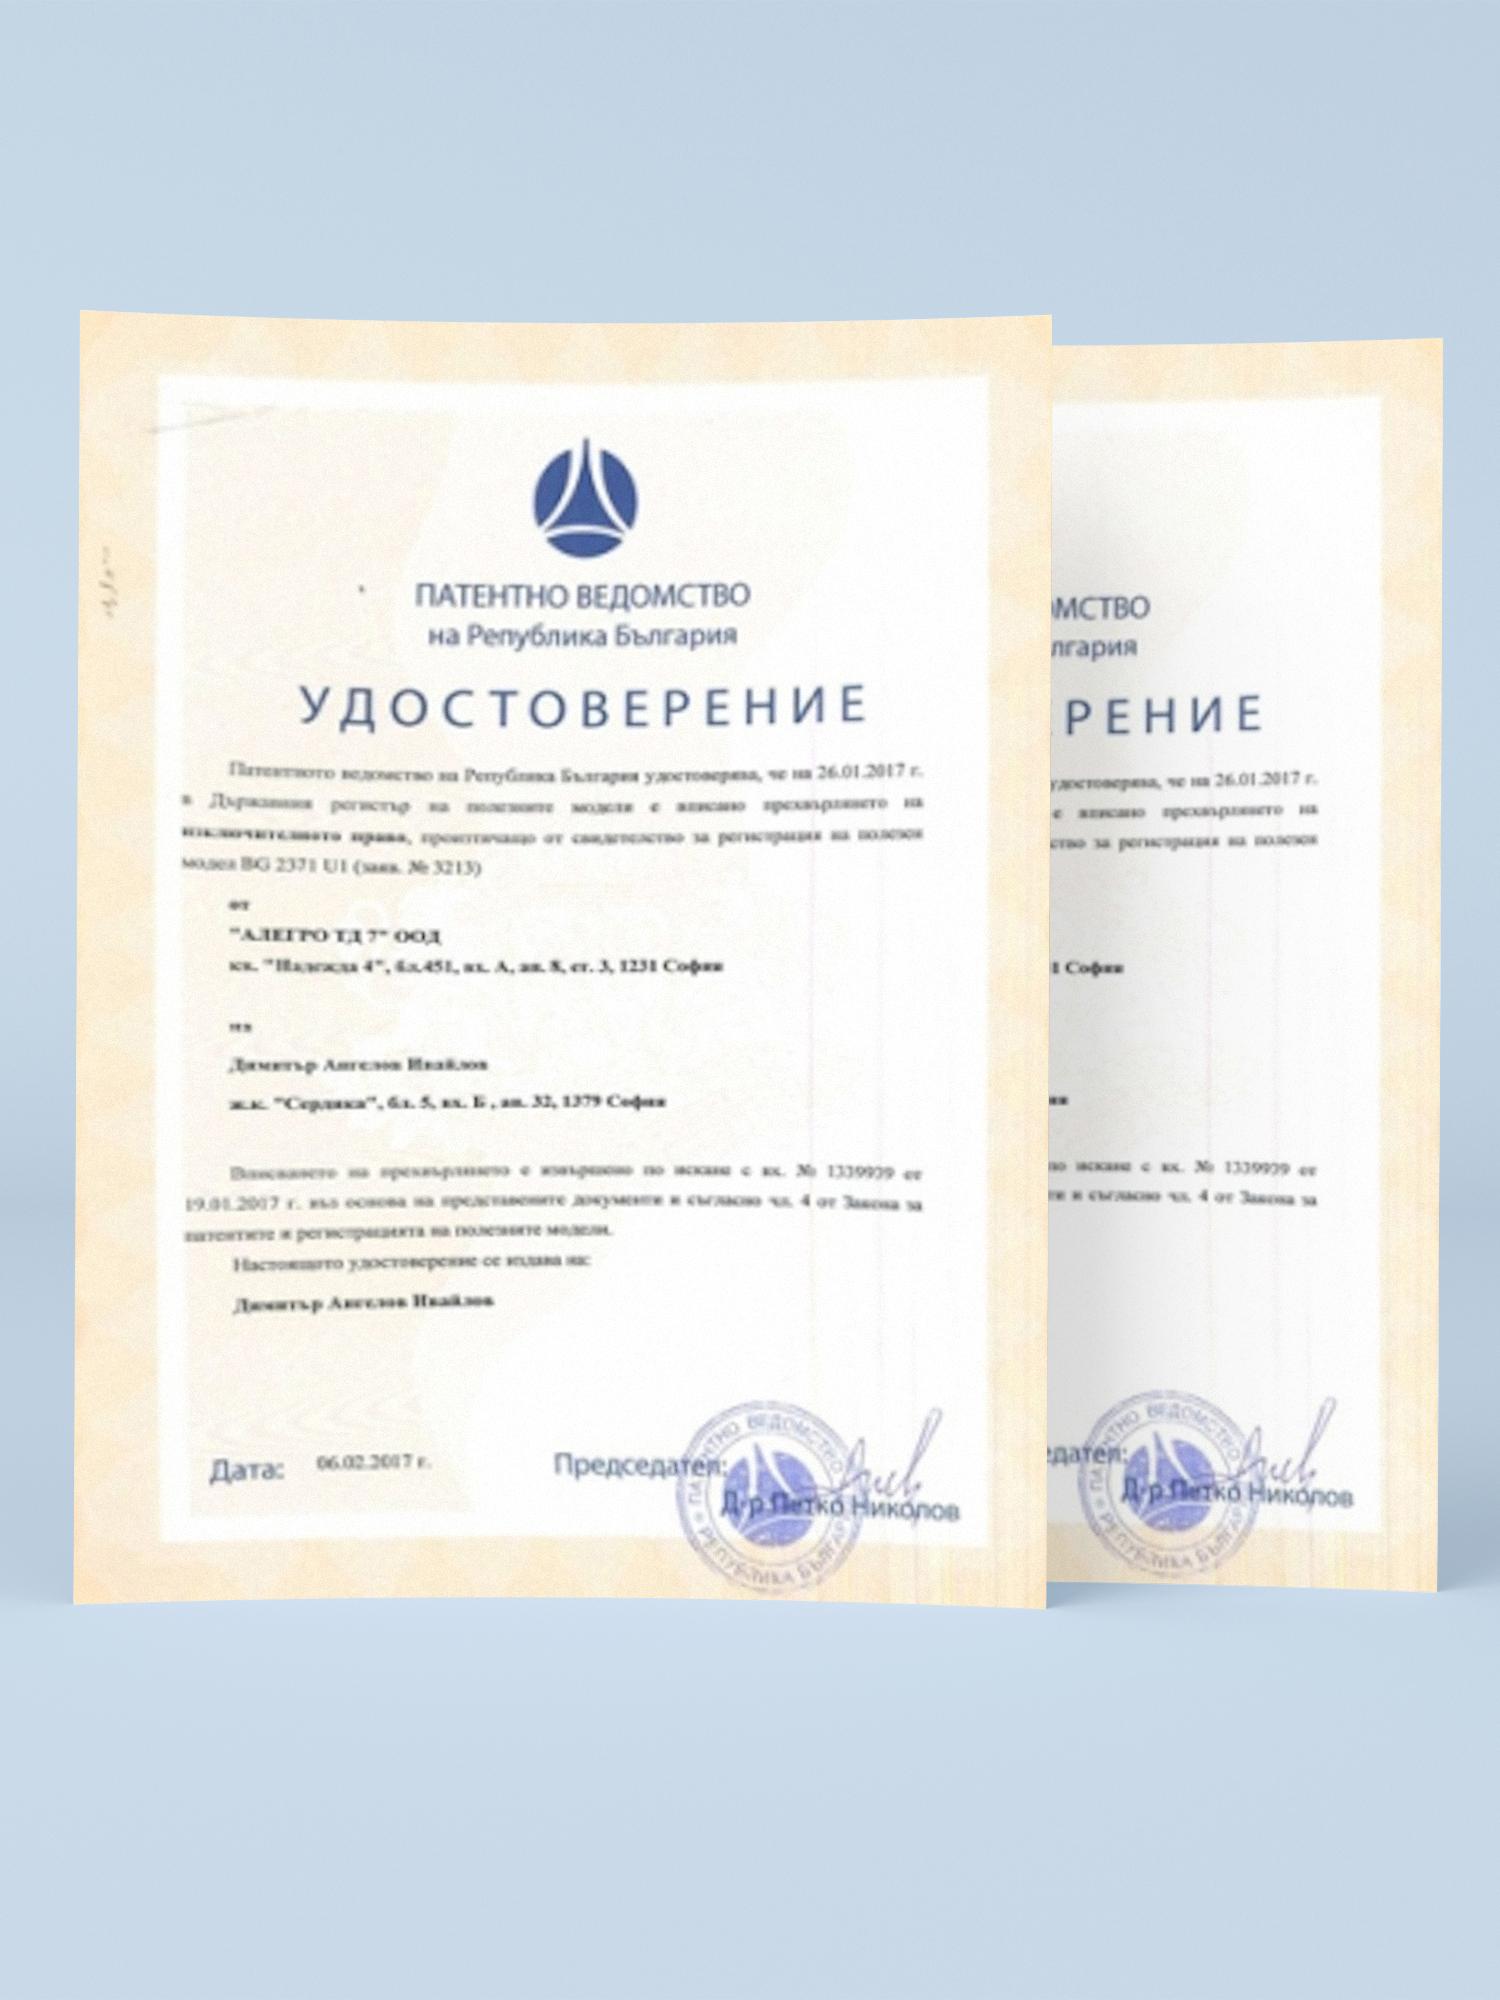 Patent certificate - bg 2371 U1